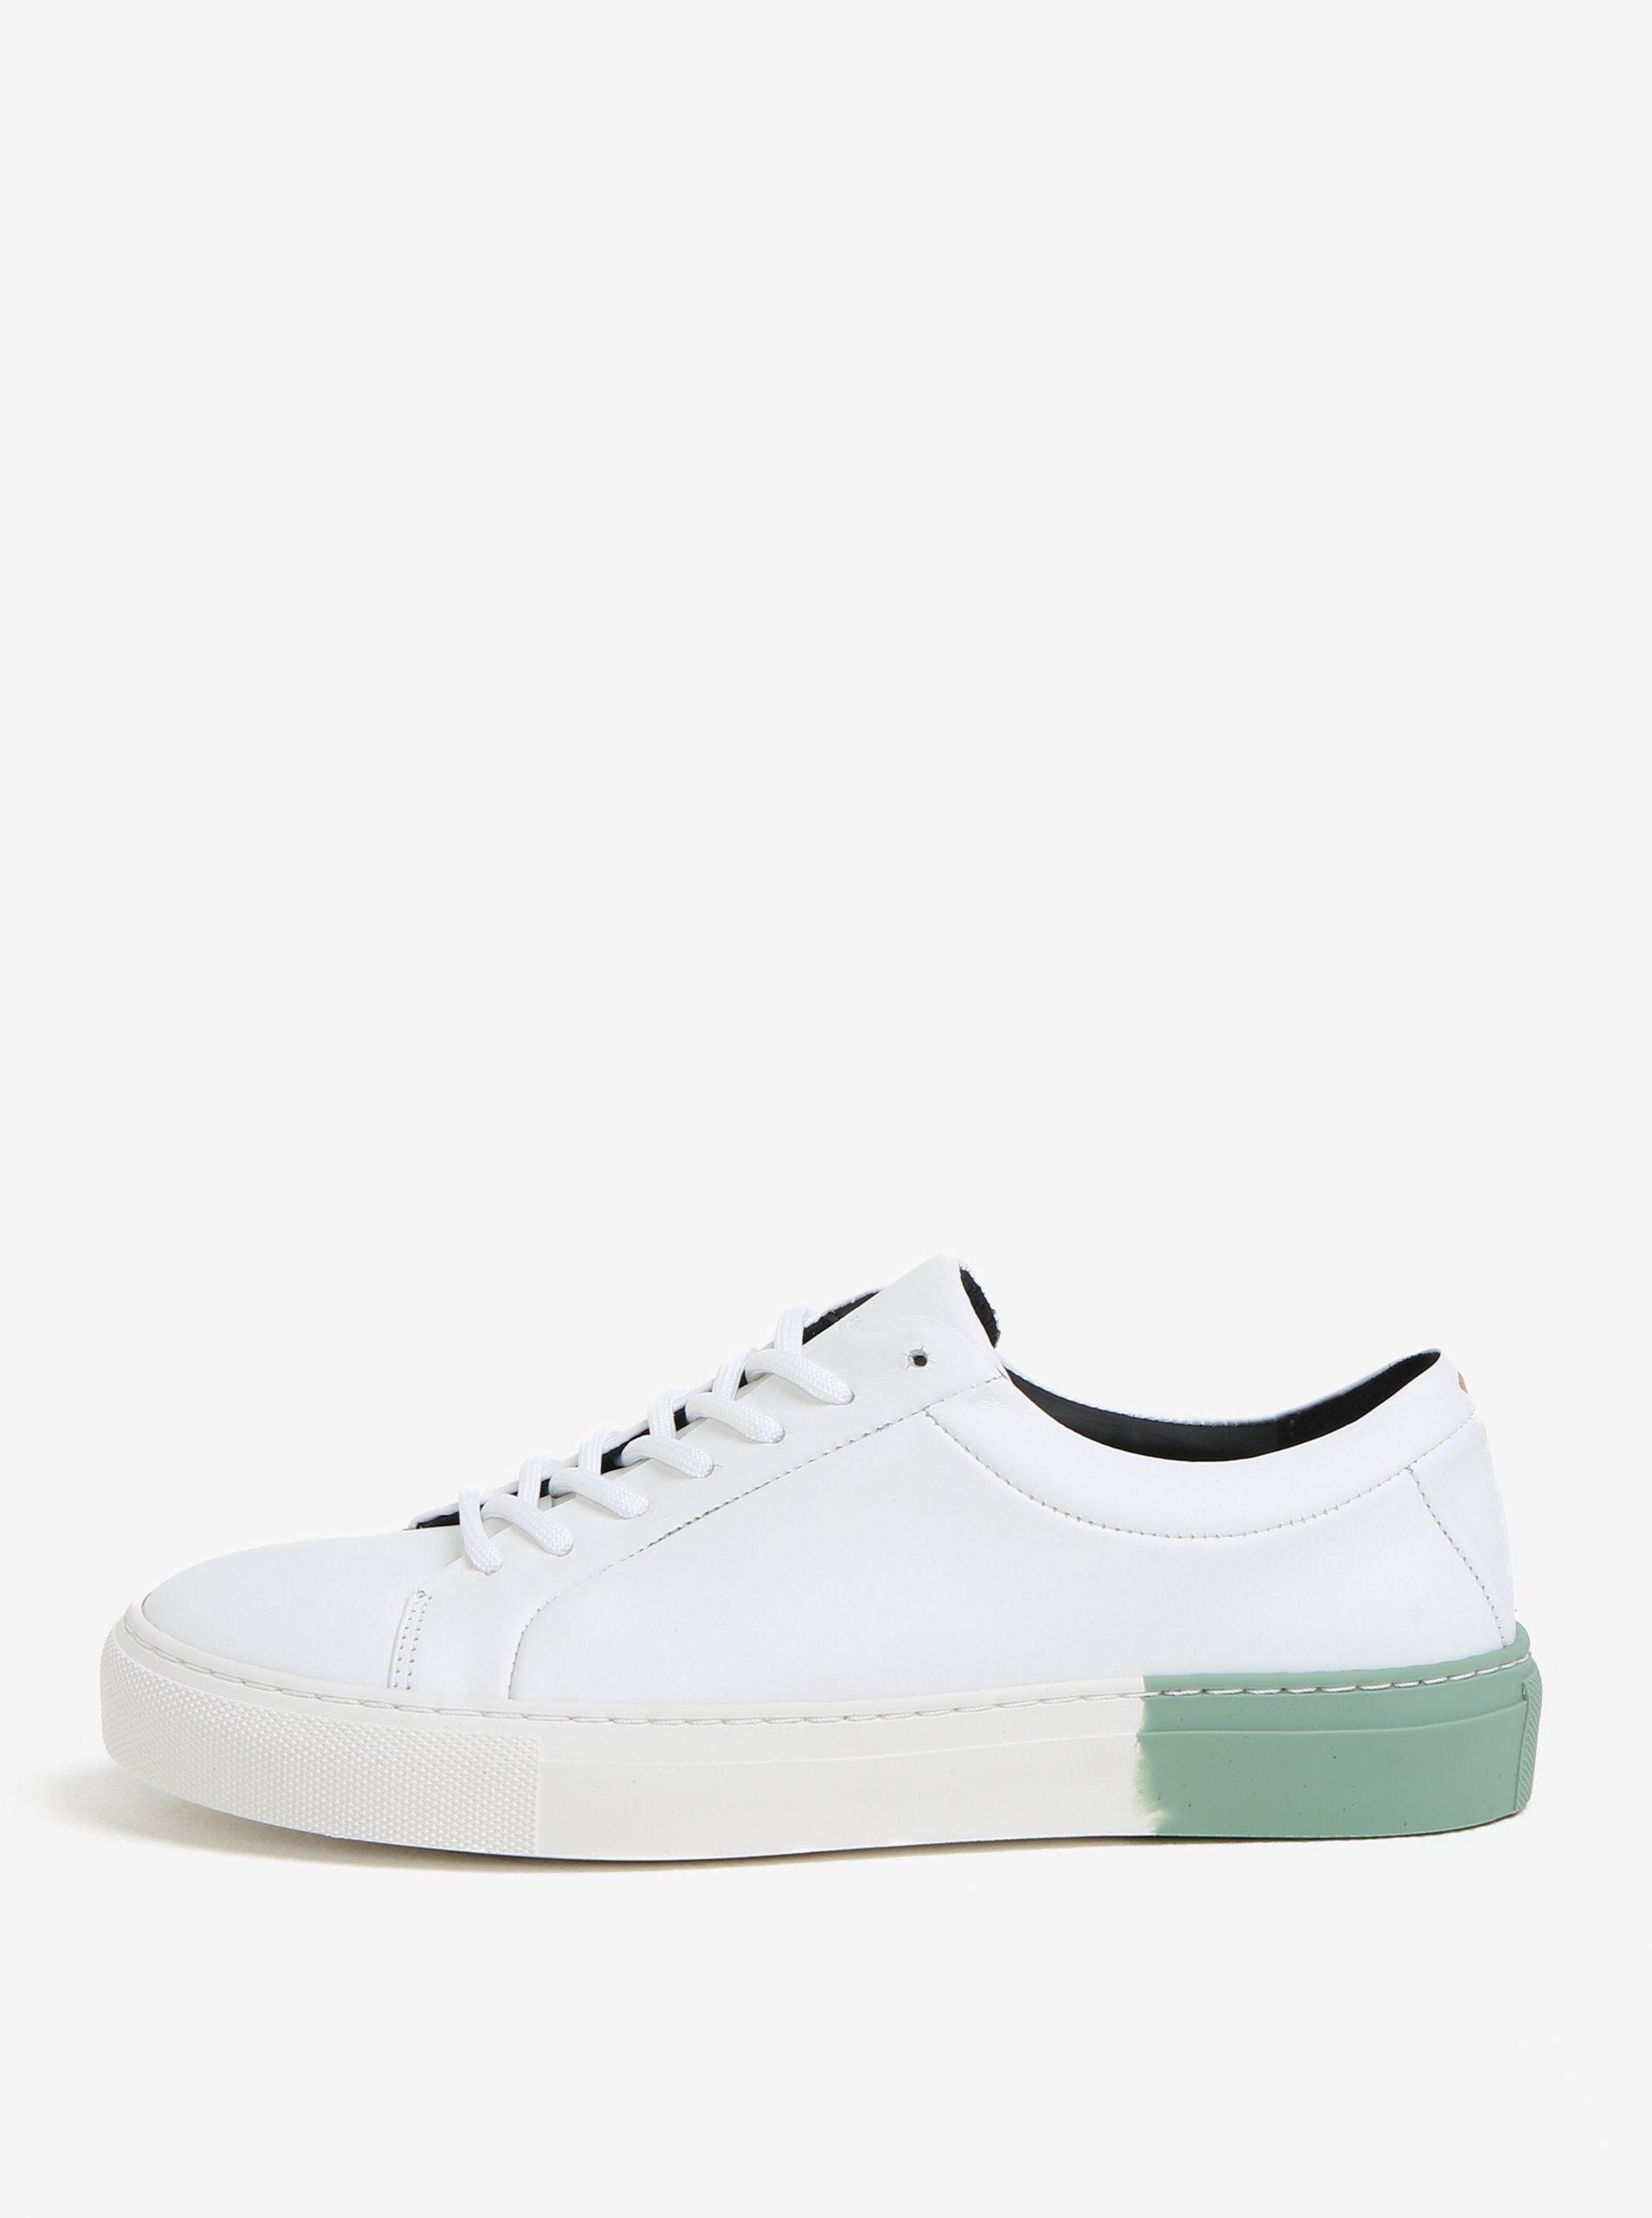 2a847fbd2f92 Zeleno-bílé dámské kožené tenisky Royal RepubliQ